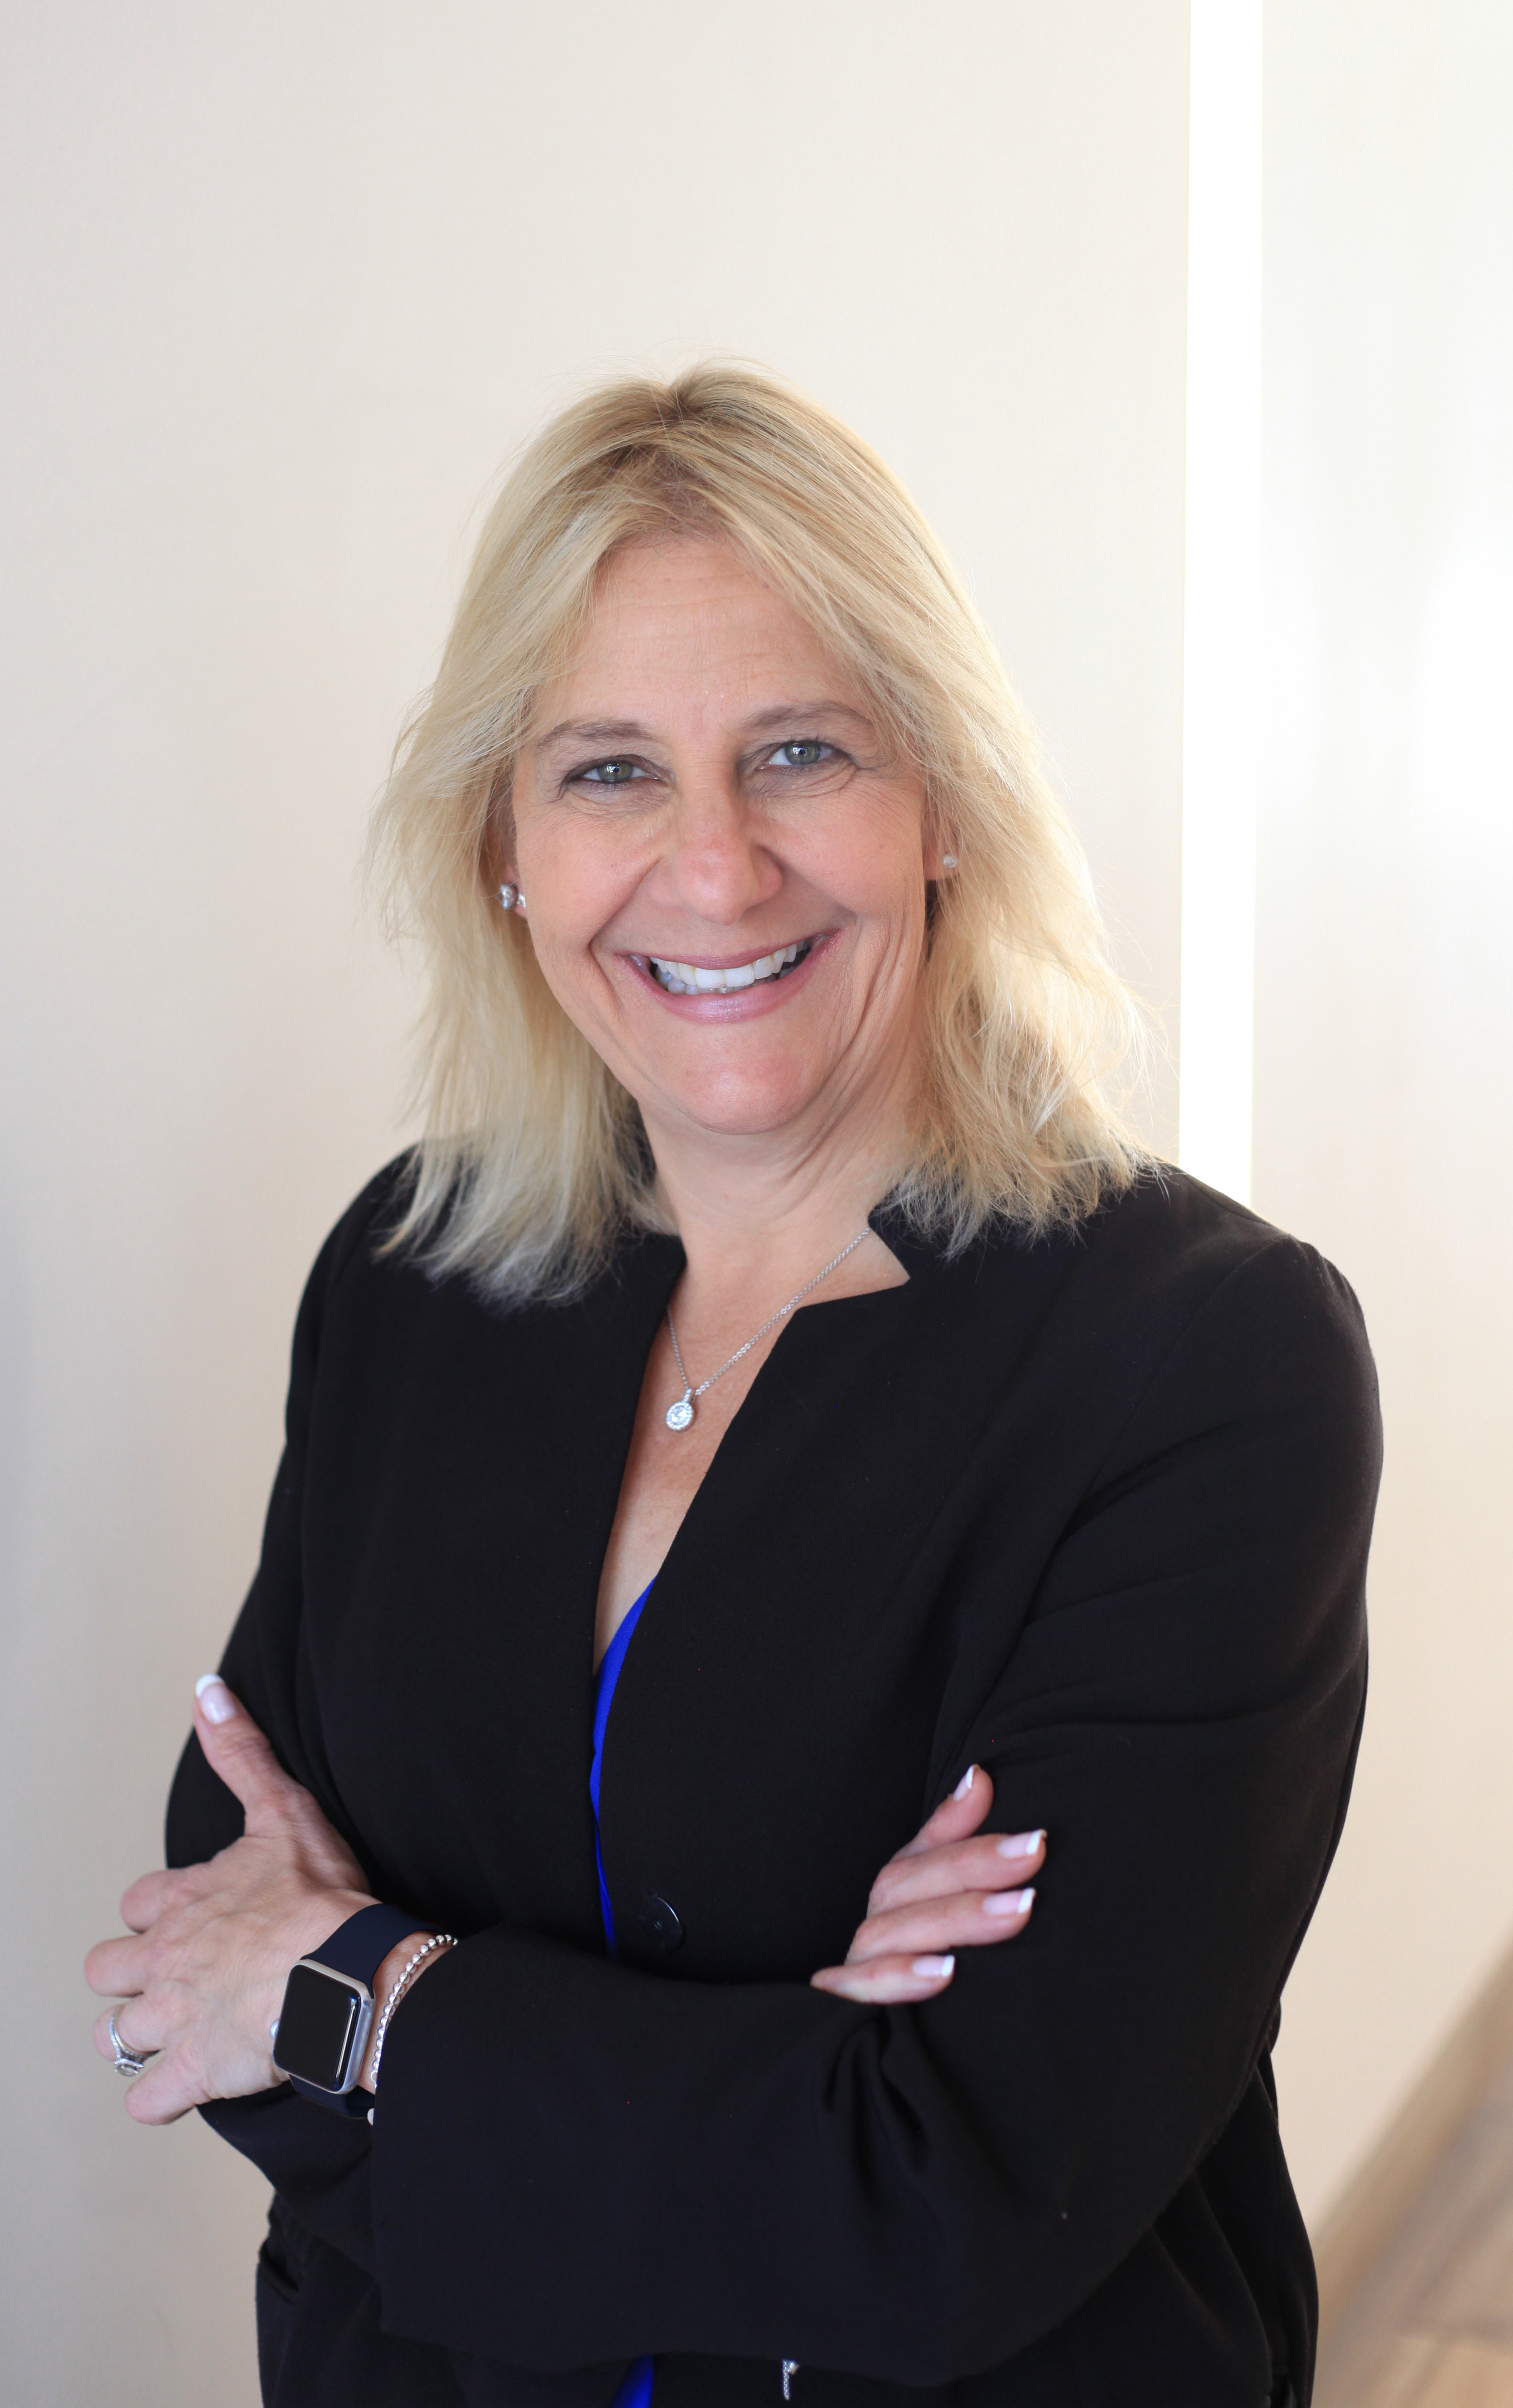 Janice L. Miller